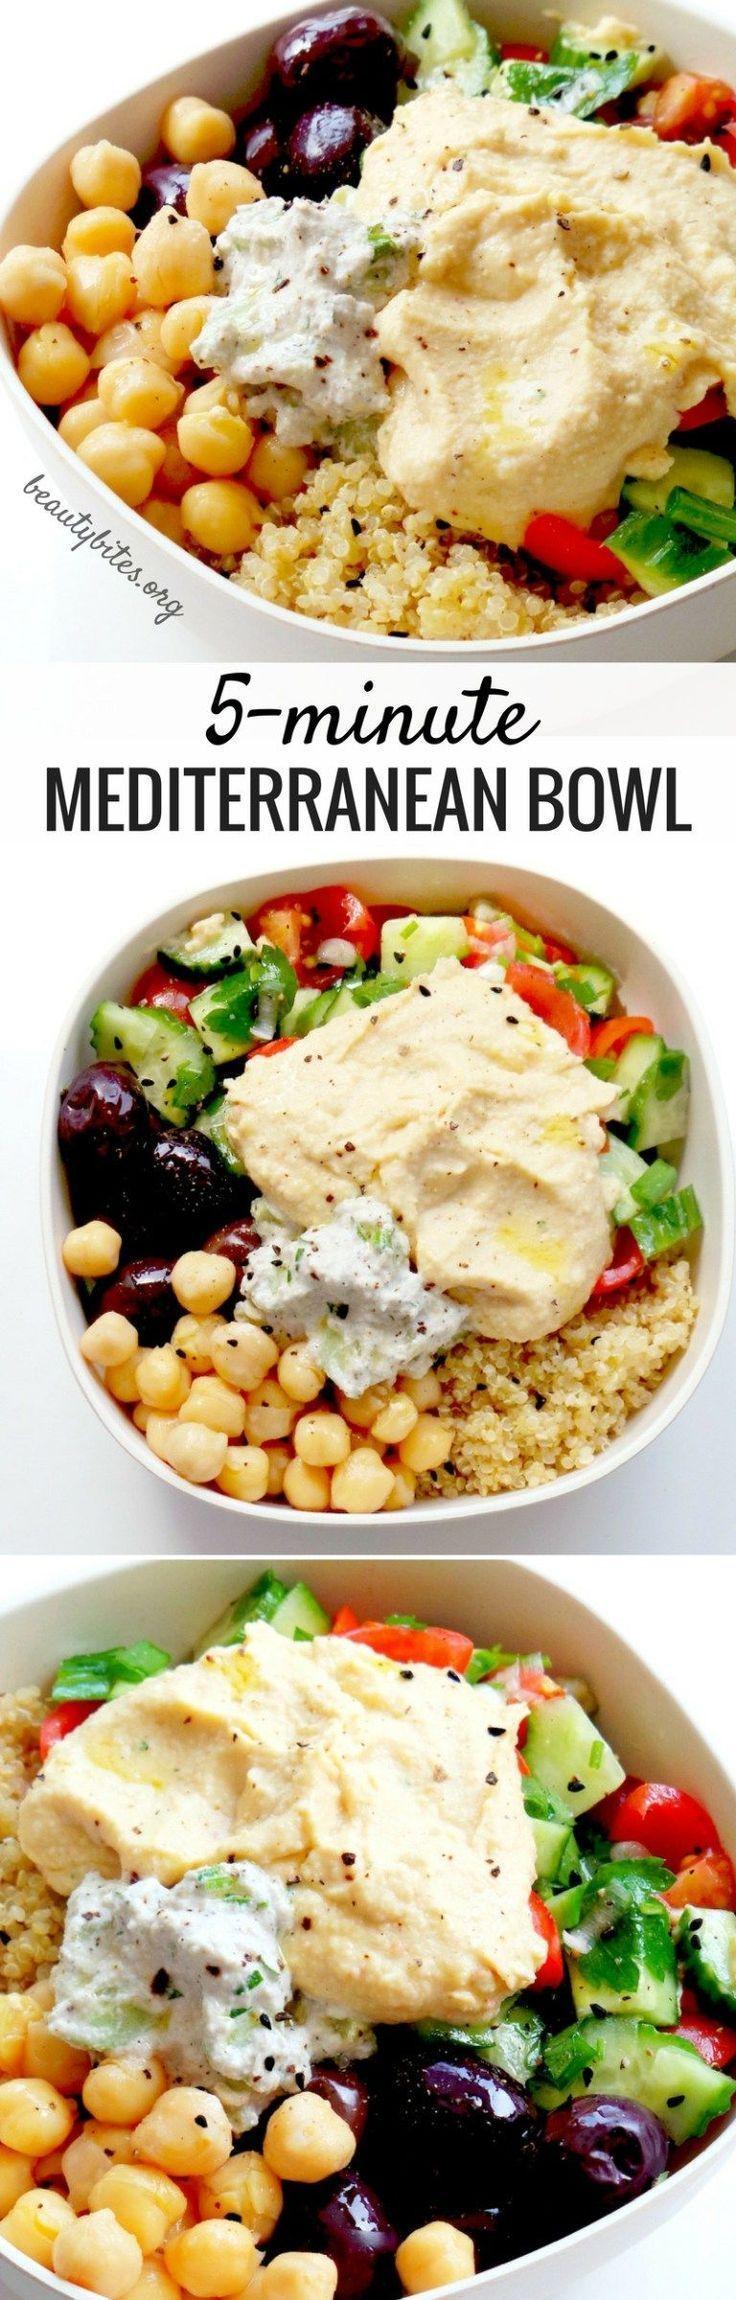 5-Minuten-Mediterrane Schüssel – Mein Lieblingsrezept zum Mittagessen! Versuchen Sie dieses gesunde Mitt